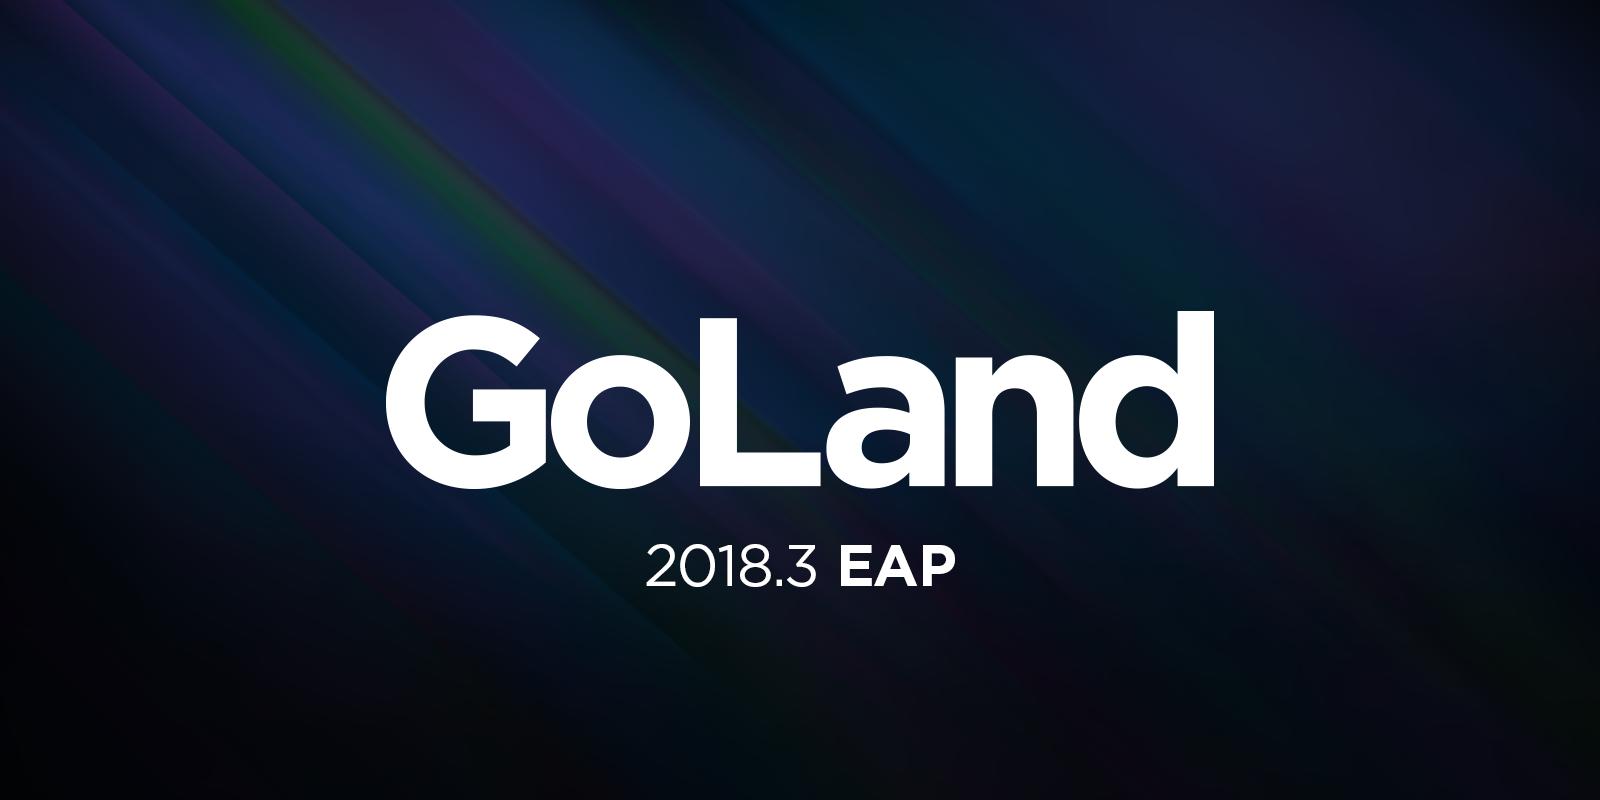 goland-2018-3-eap-program